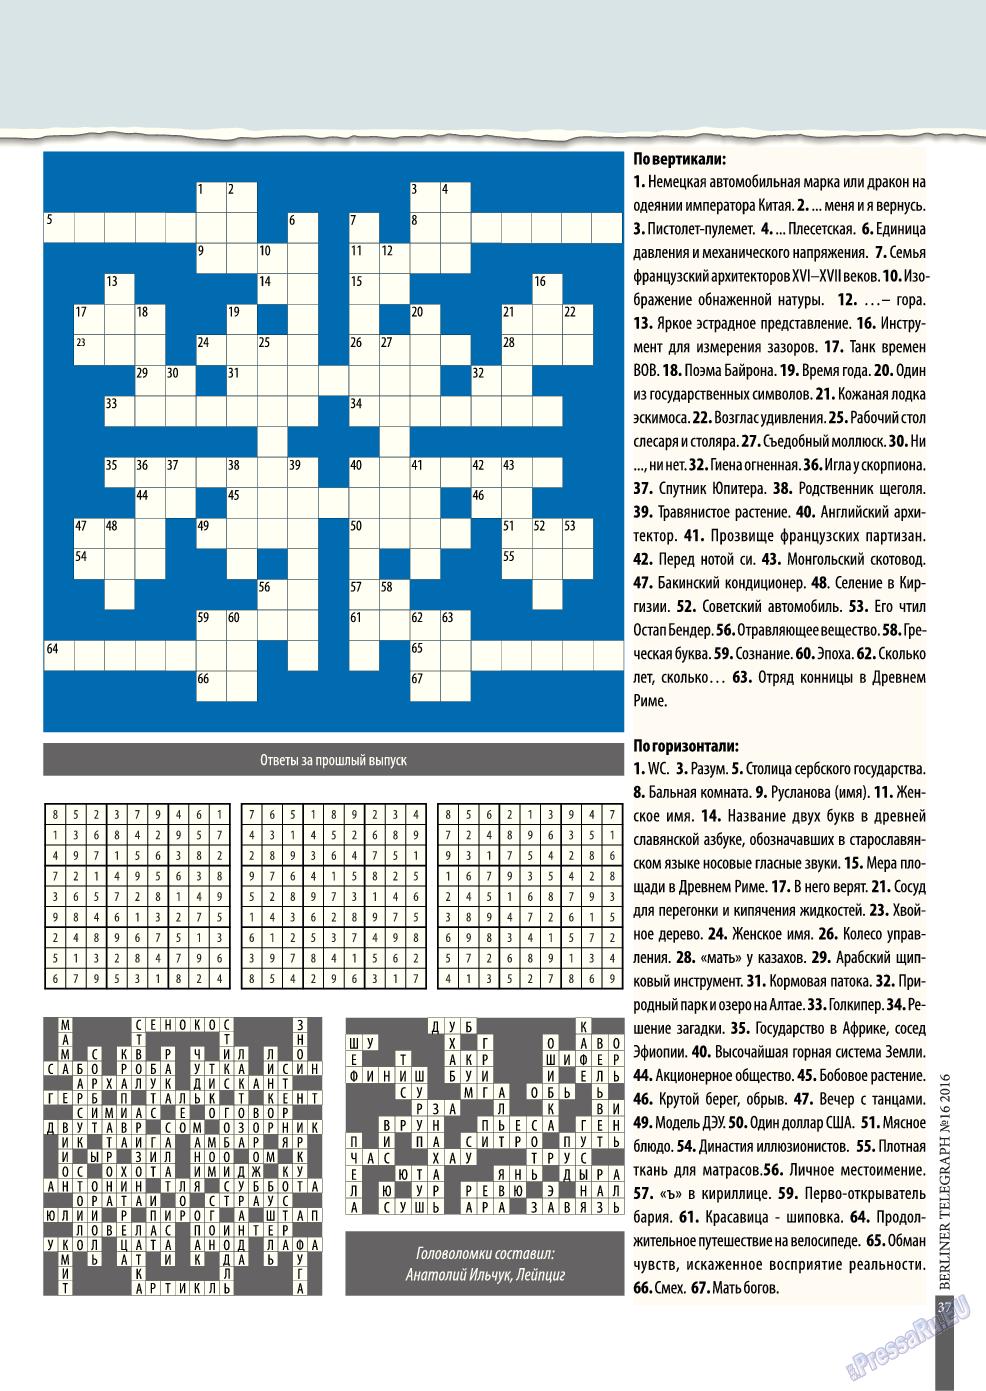 Берлинский телеграф (журнал). 2016 год, номер 16, стр. 37